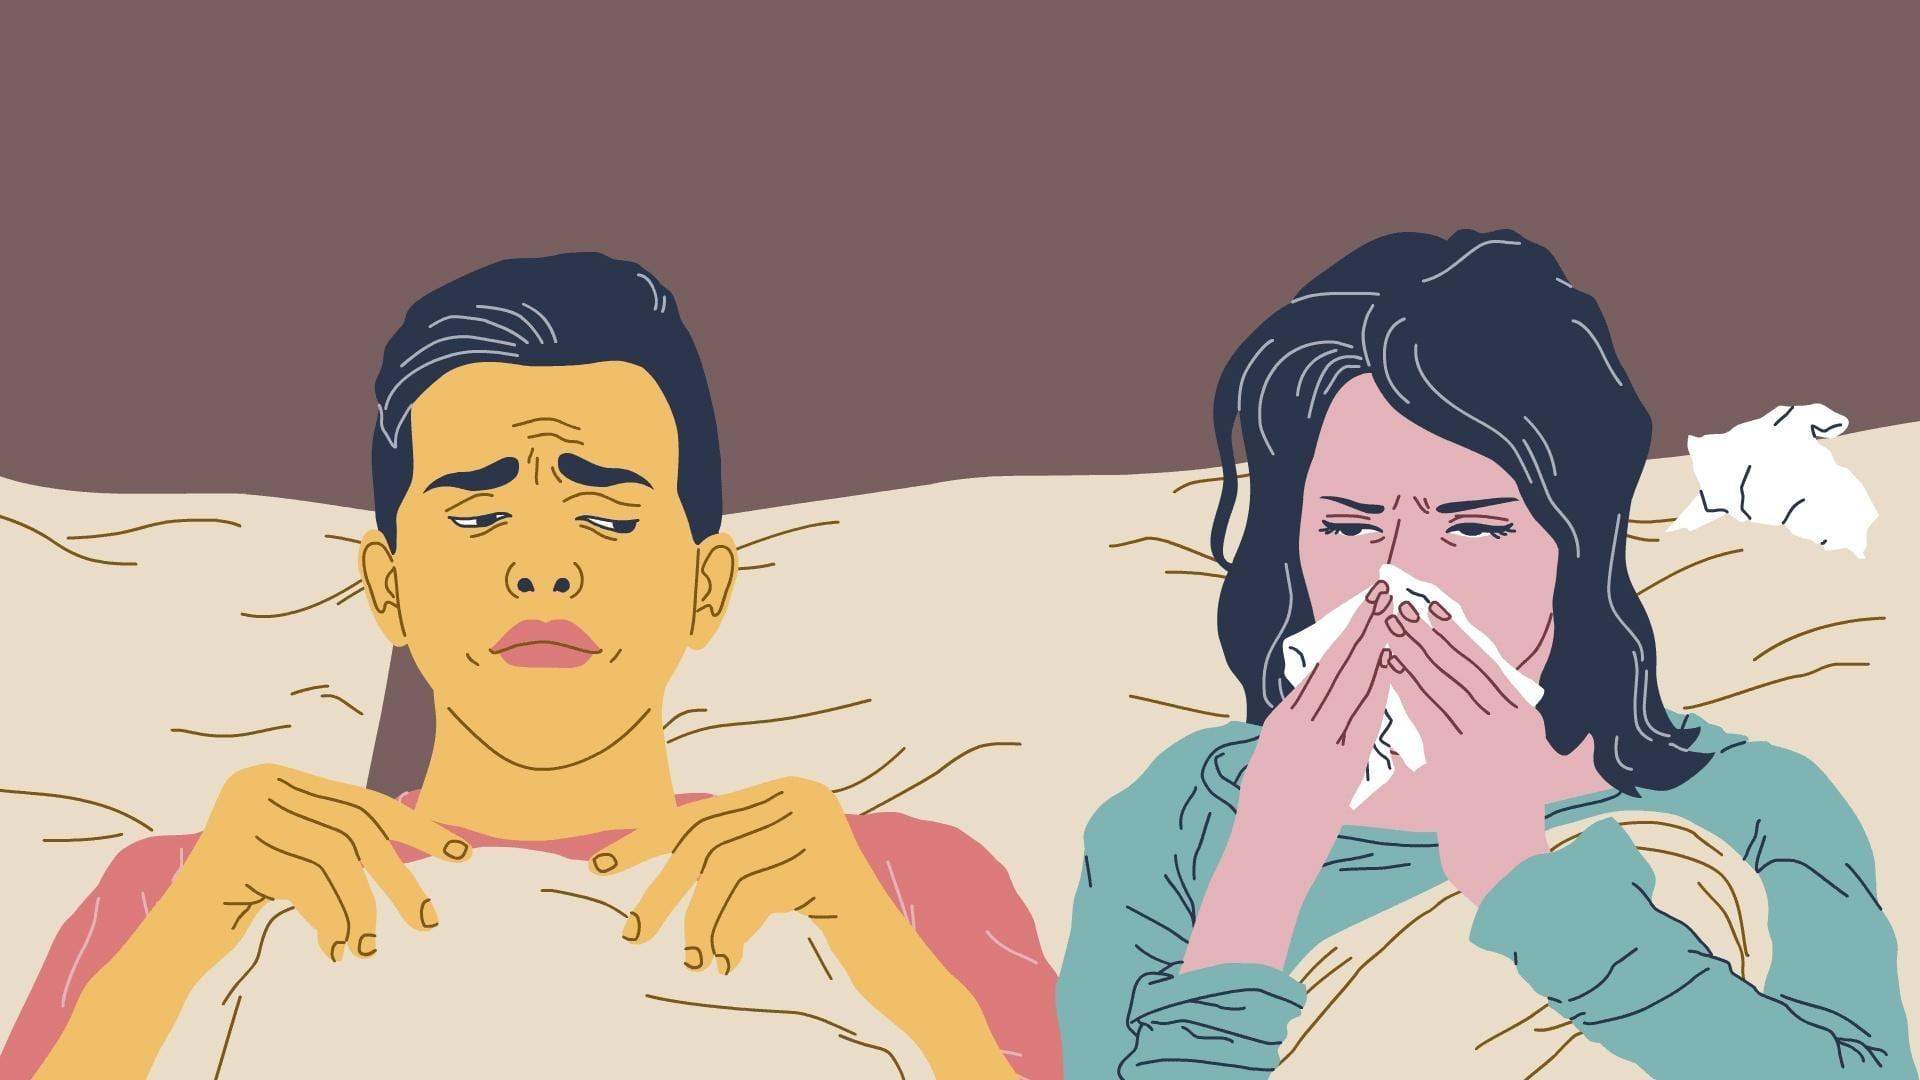 Gripe e resfriado, qual a diferença entre eles? 5 dicas para diferenciar